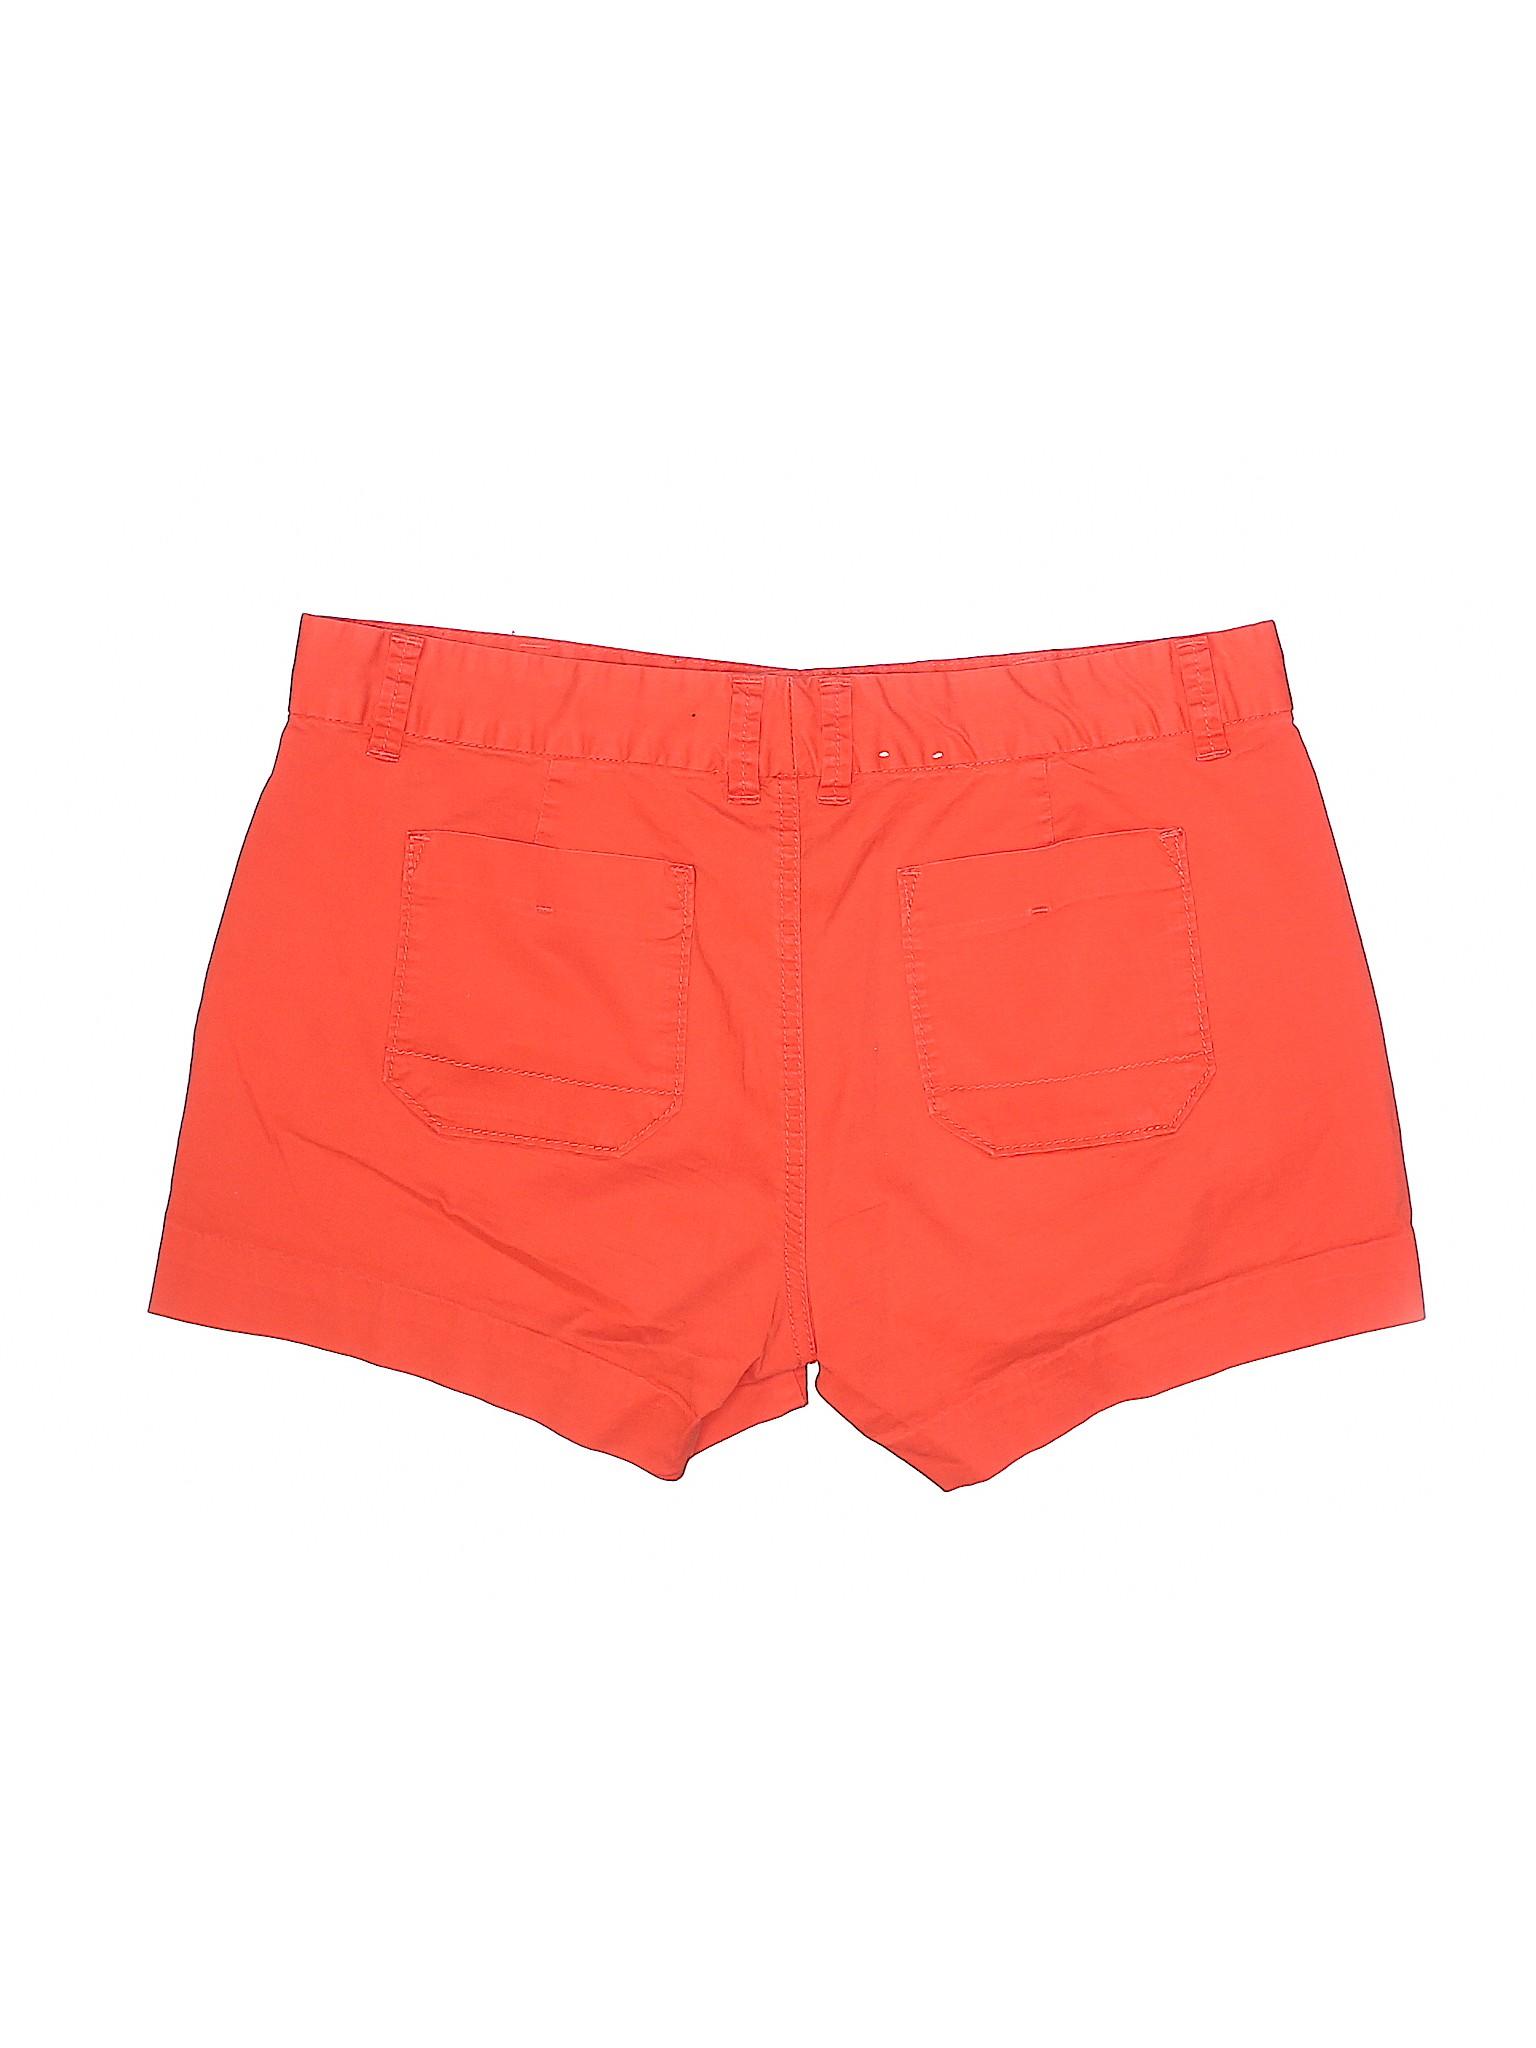 Shorts Khaki KLEIN CALVIN JEANS Boutique Iw6p8Tn